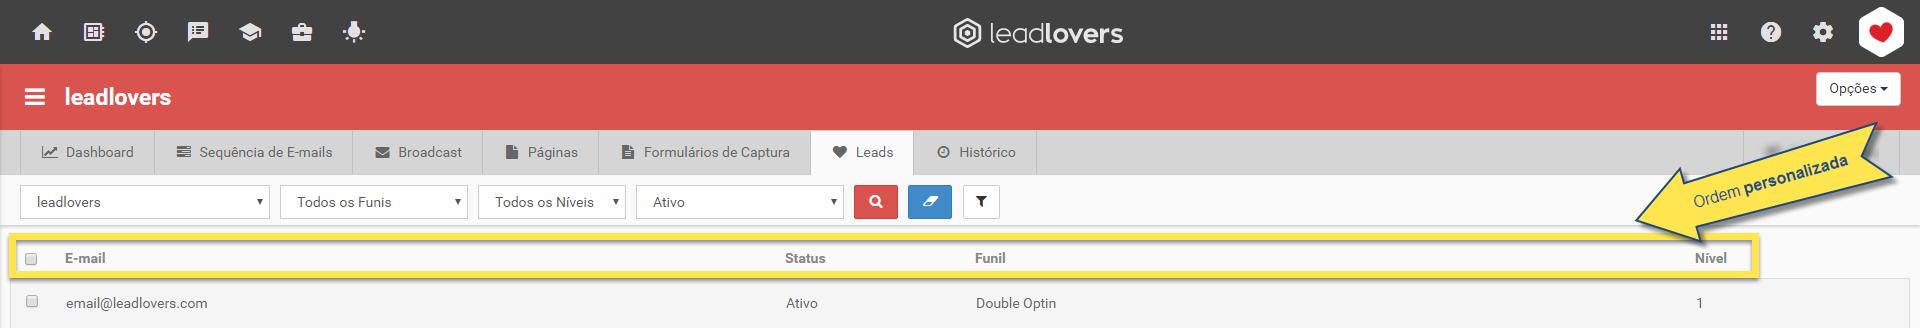 lista de leads